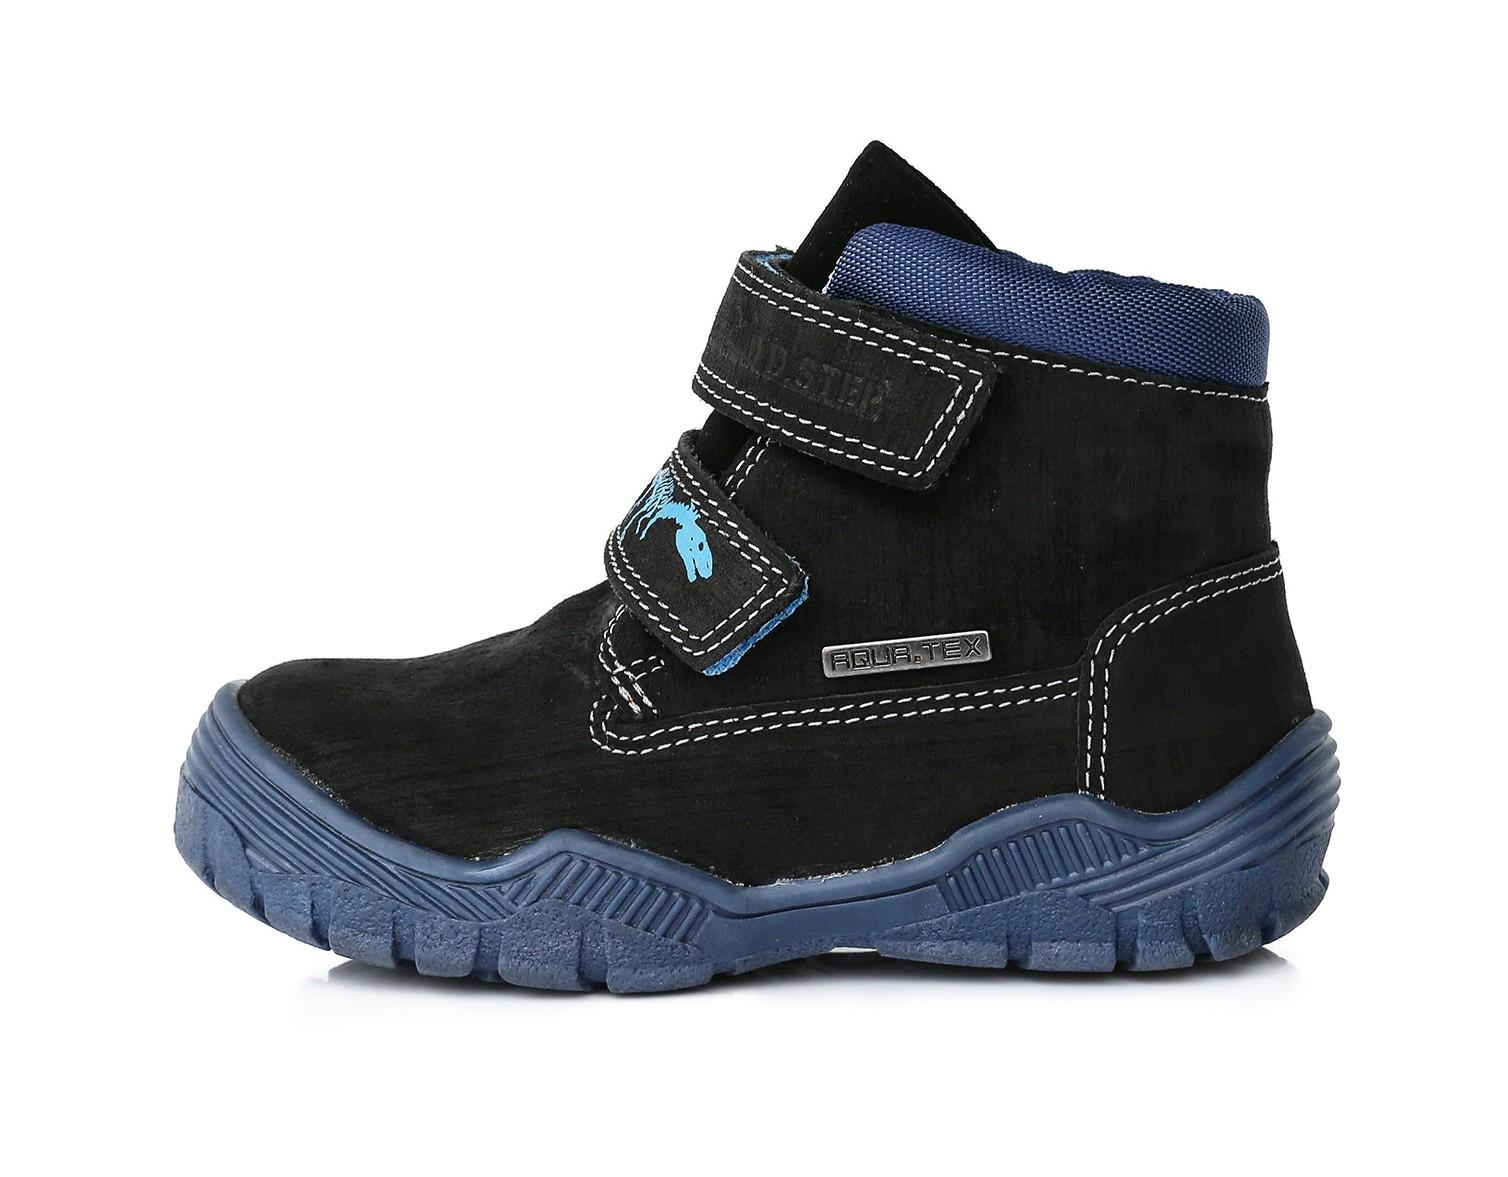 Celoroční boty D.D.STEP F651-912M černo-modré vel.25  35dfe536d8